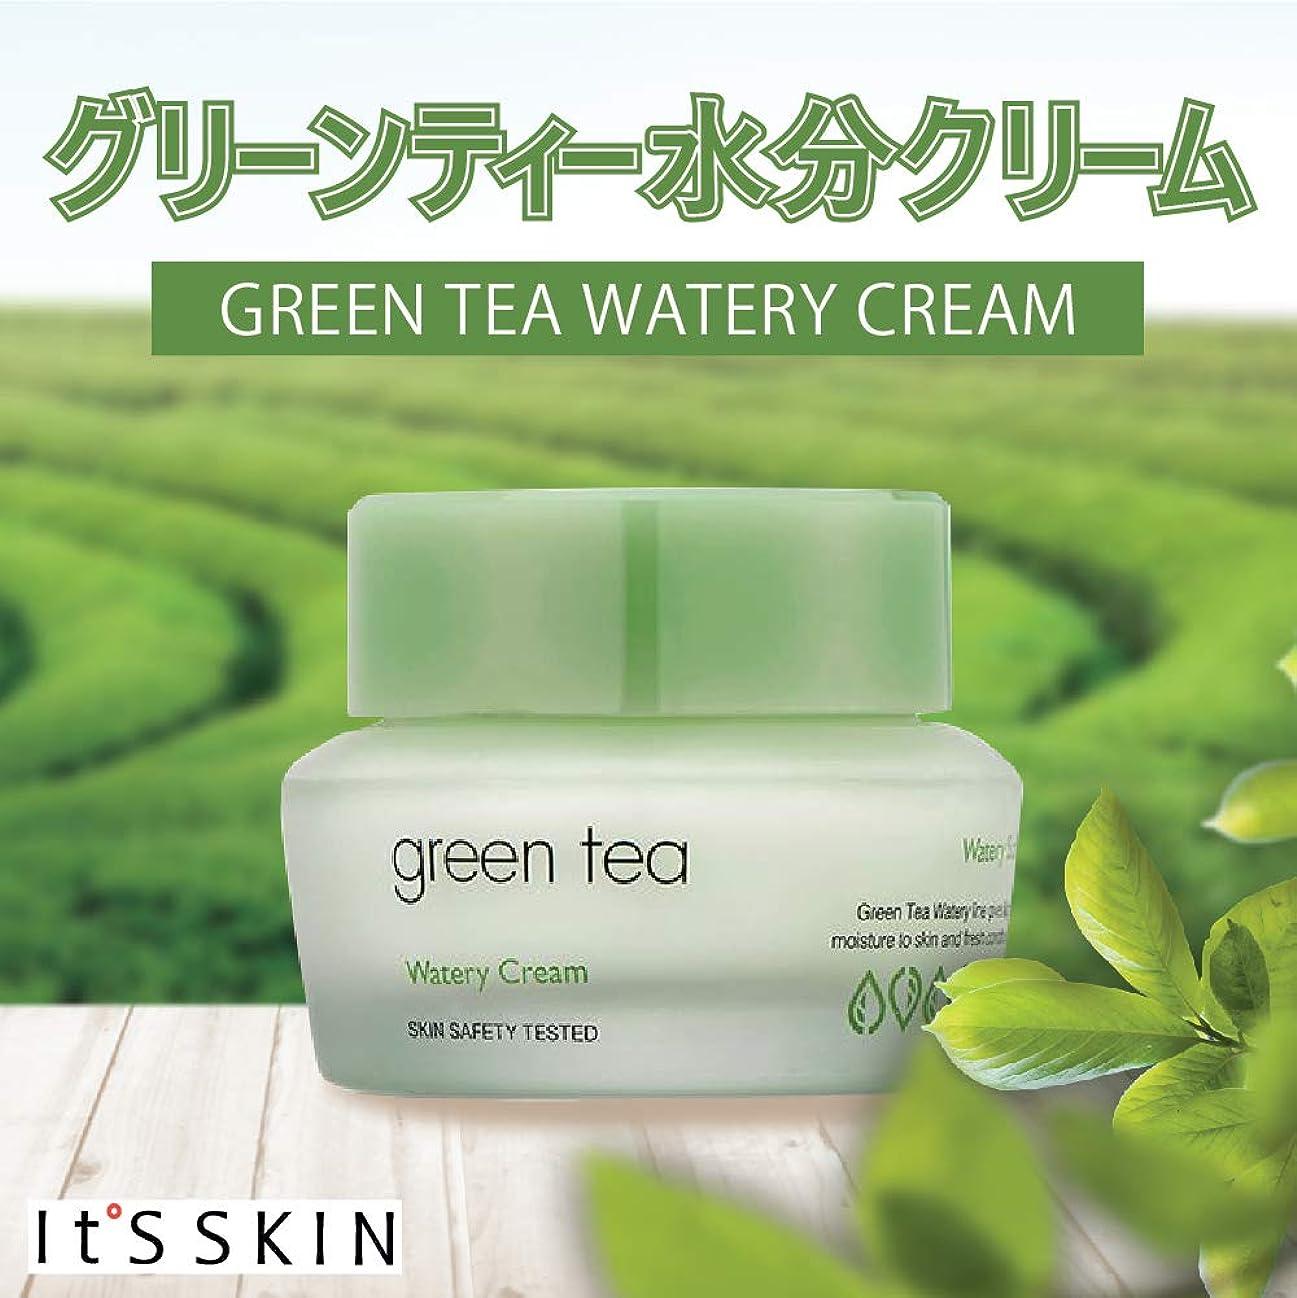 突然のマインドフル文It's SKIN イッツスキン グリーン ティー ウォーターリー クリーム Green Tea Watery Cream 50g 【 水分 クリーム しっとり 保湿 キメ 韓国コスメ 】